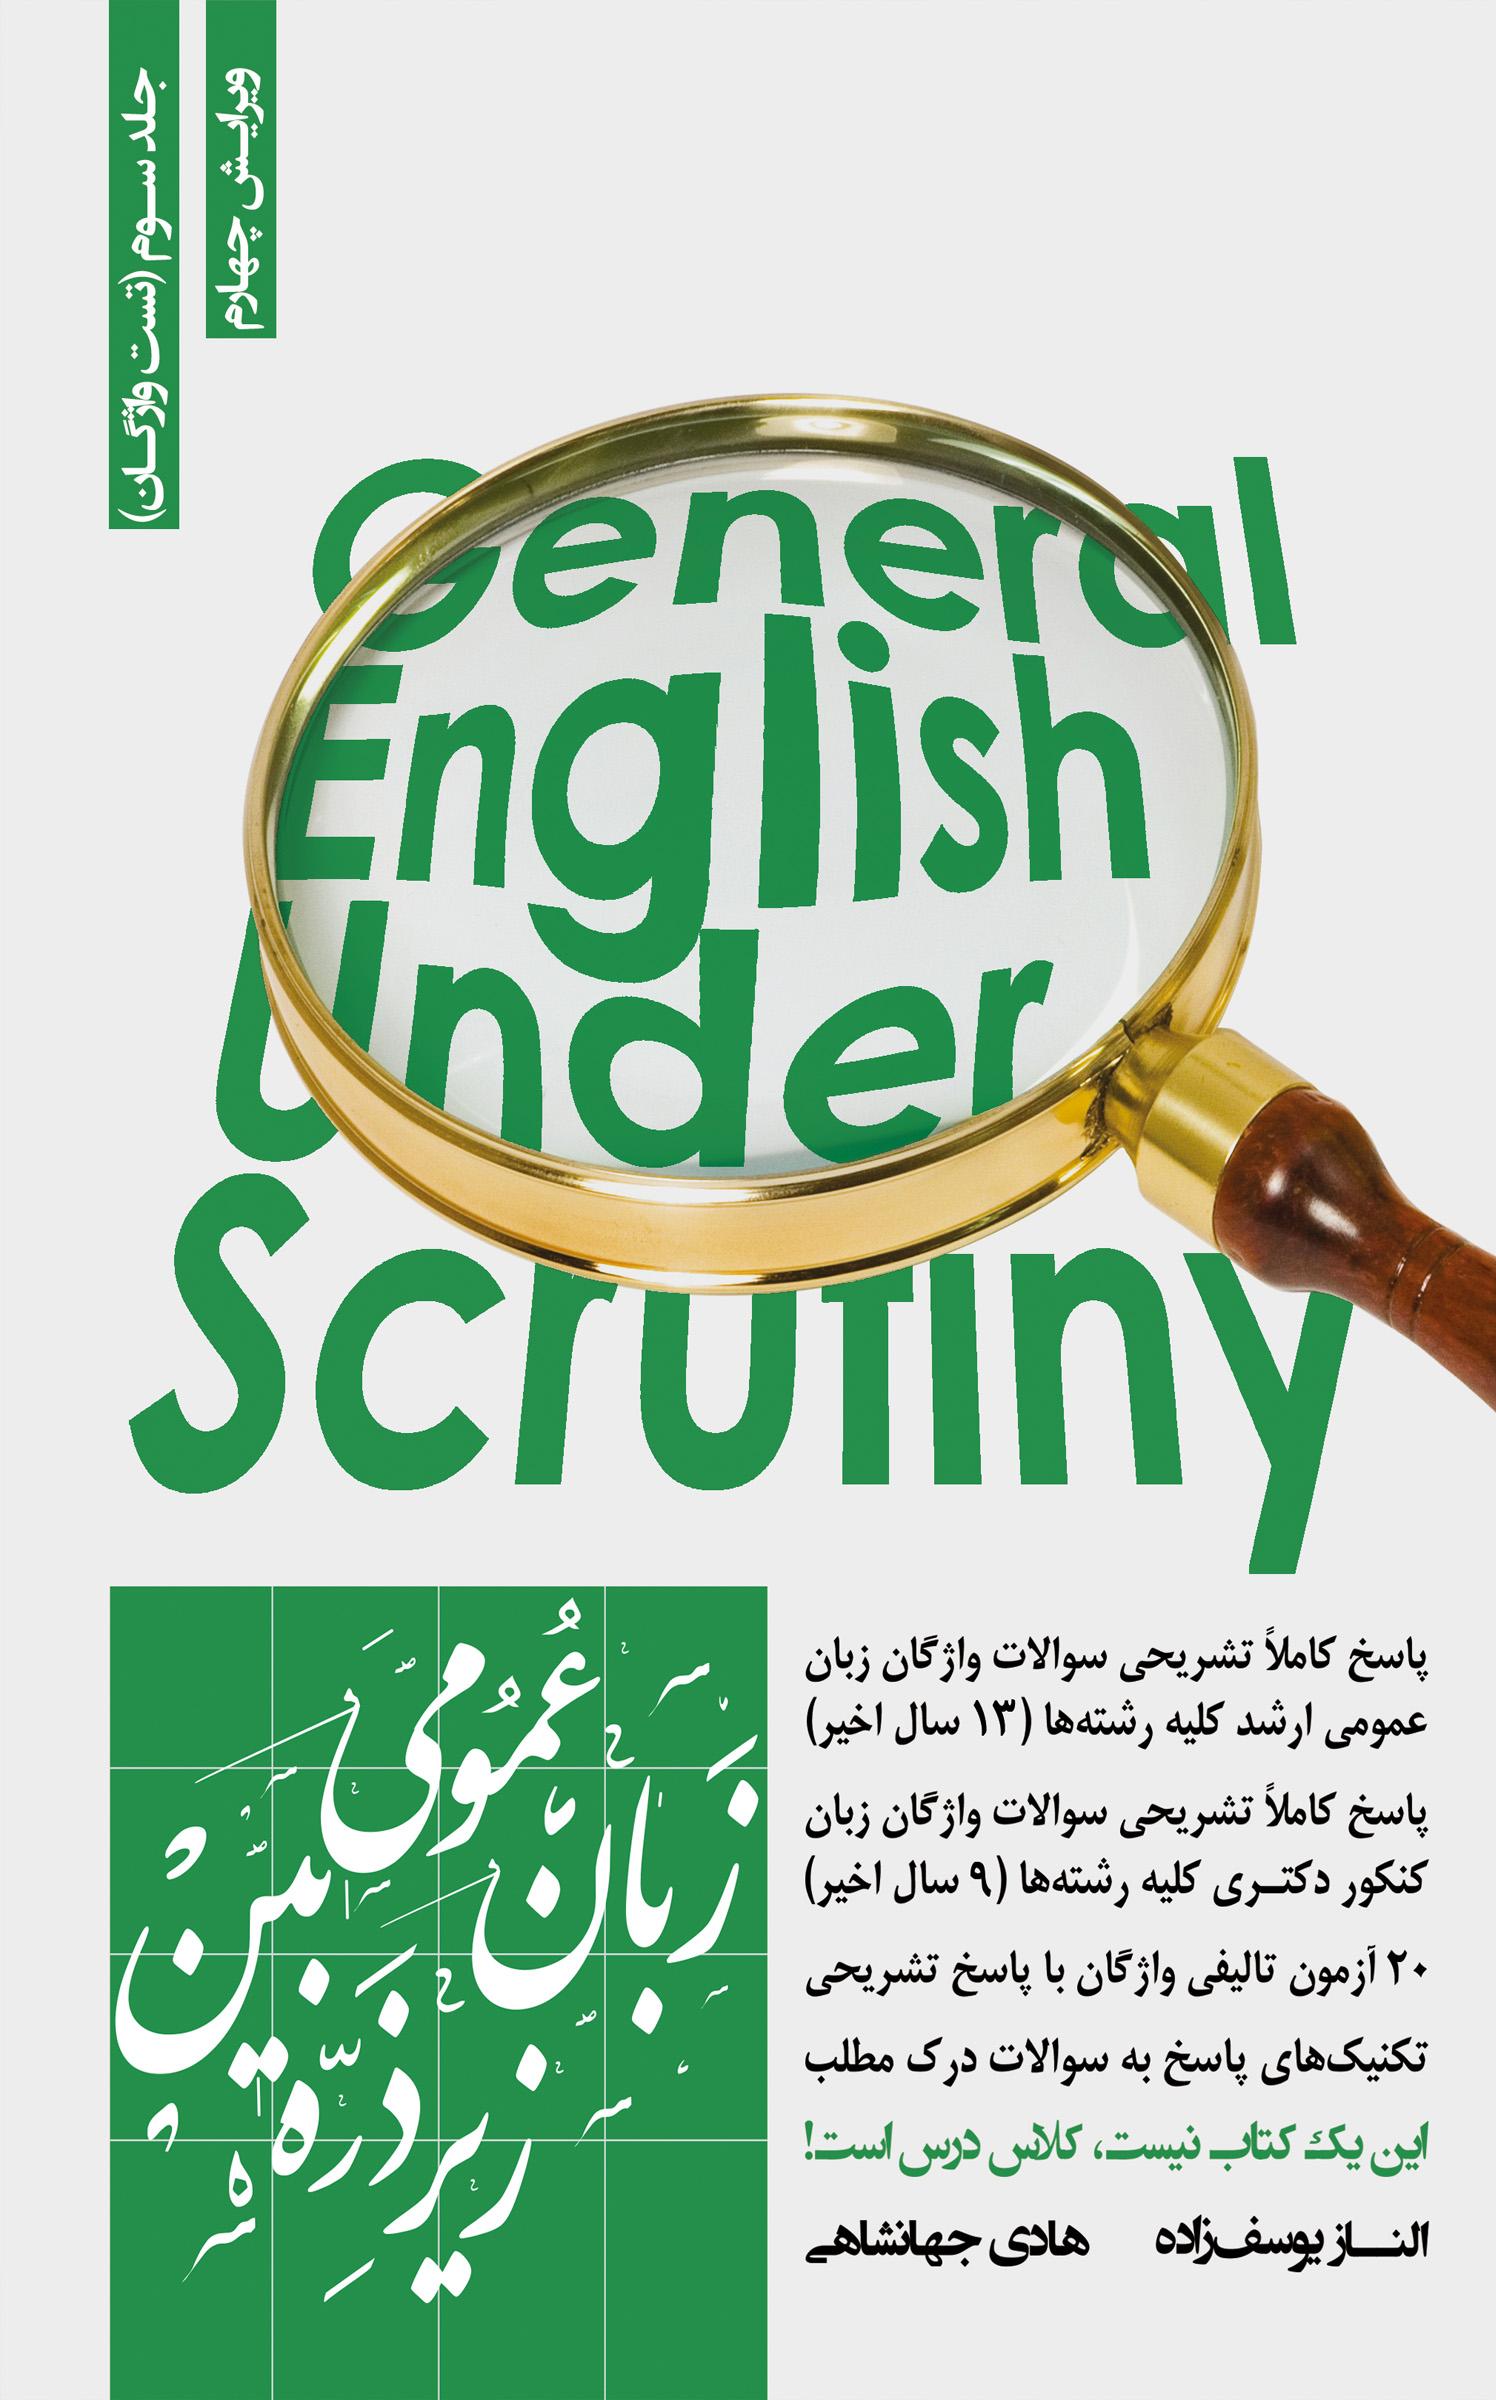 پکیج 3 کتاب زبان عمومی ارشد زیرذره بین